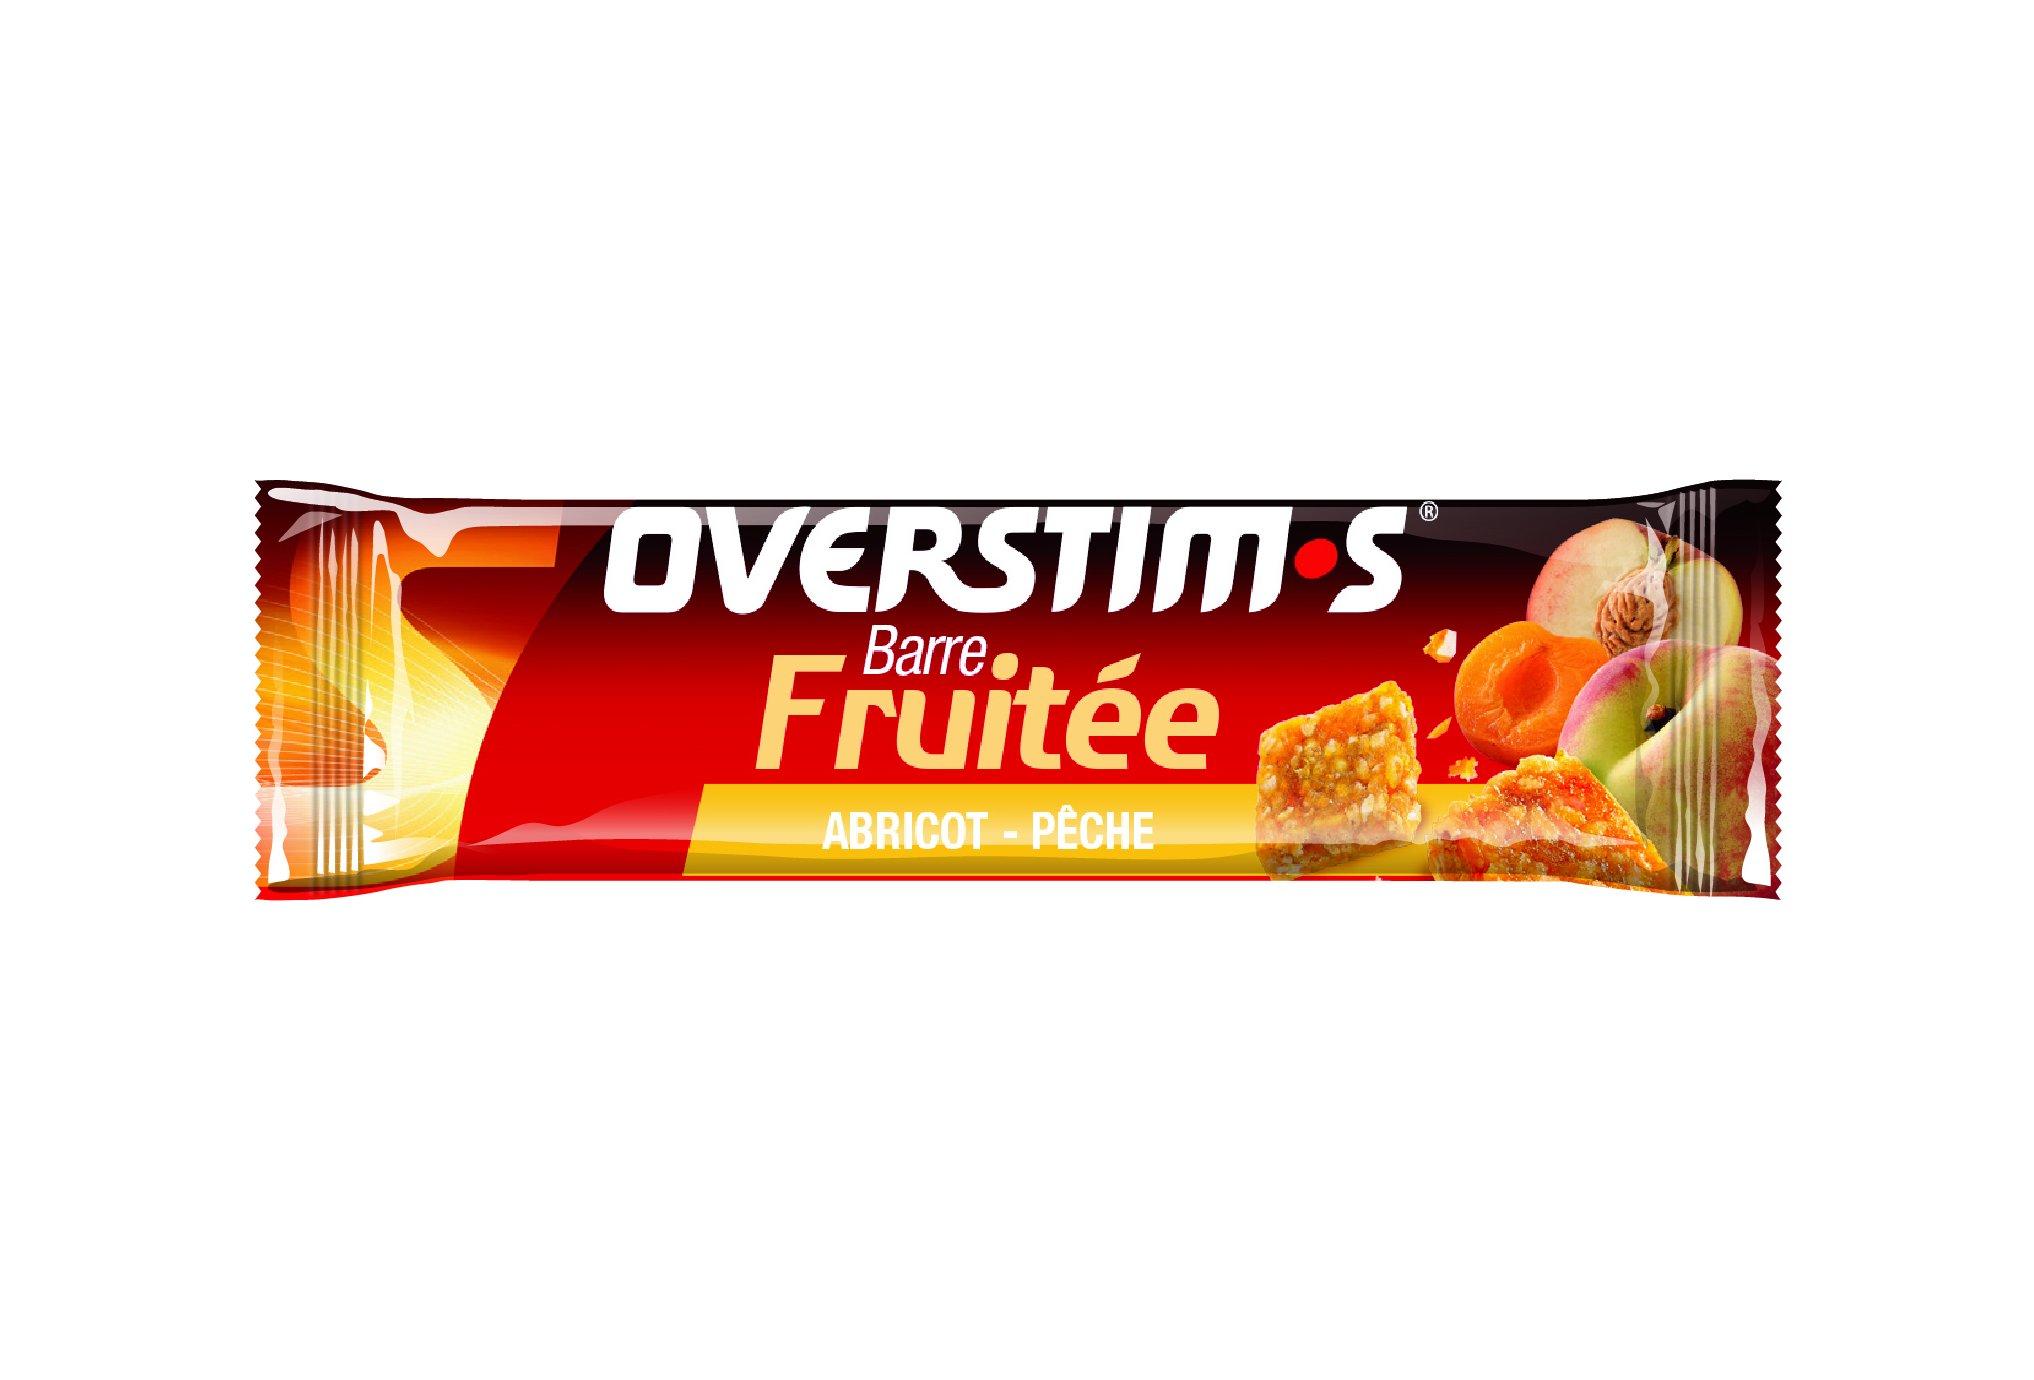 OVERSTIMS Barre Fruitée - Abricot/pêche Diététique Barres